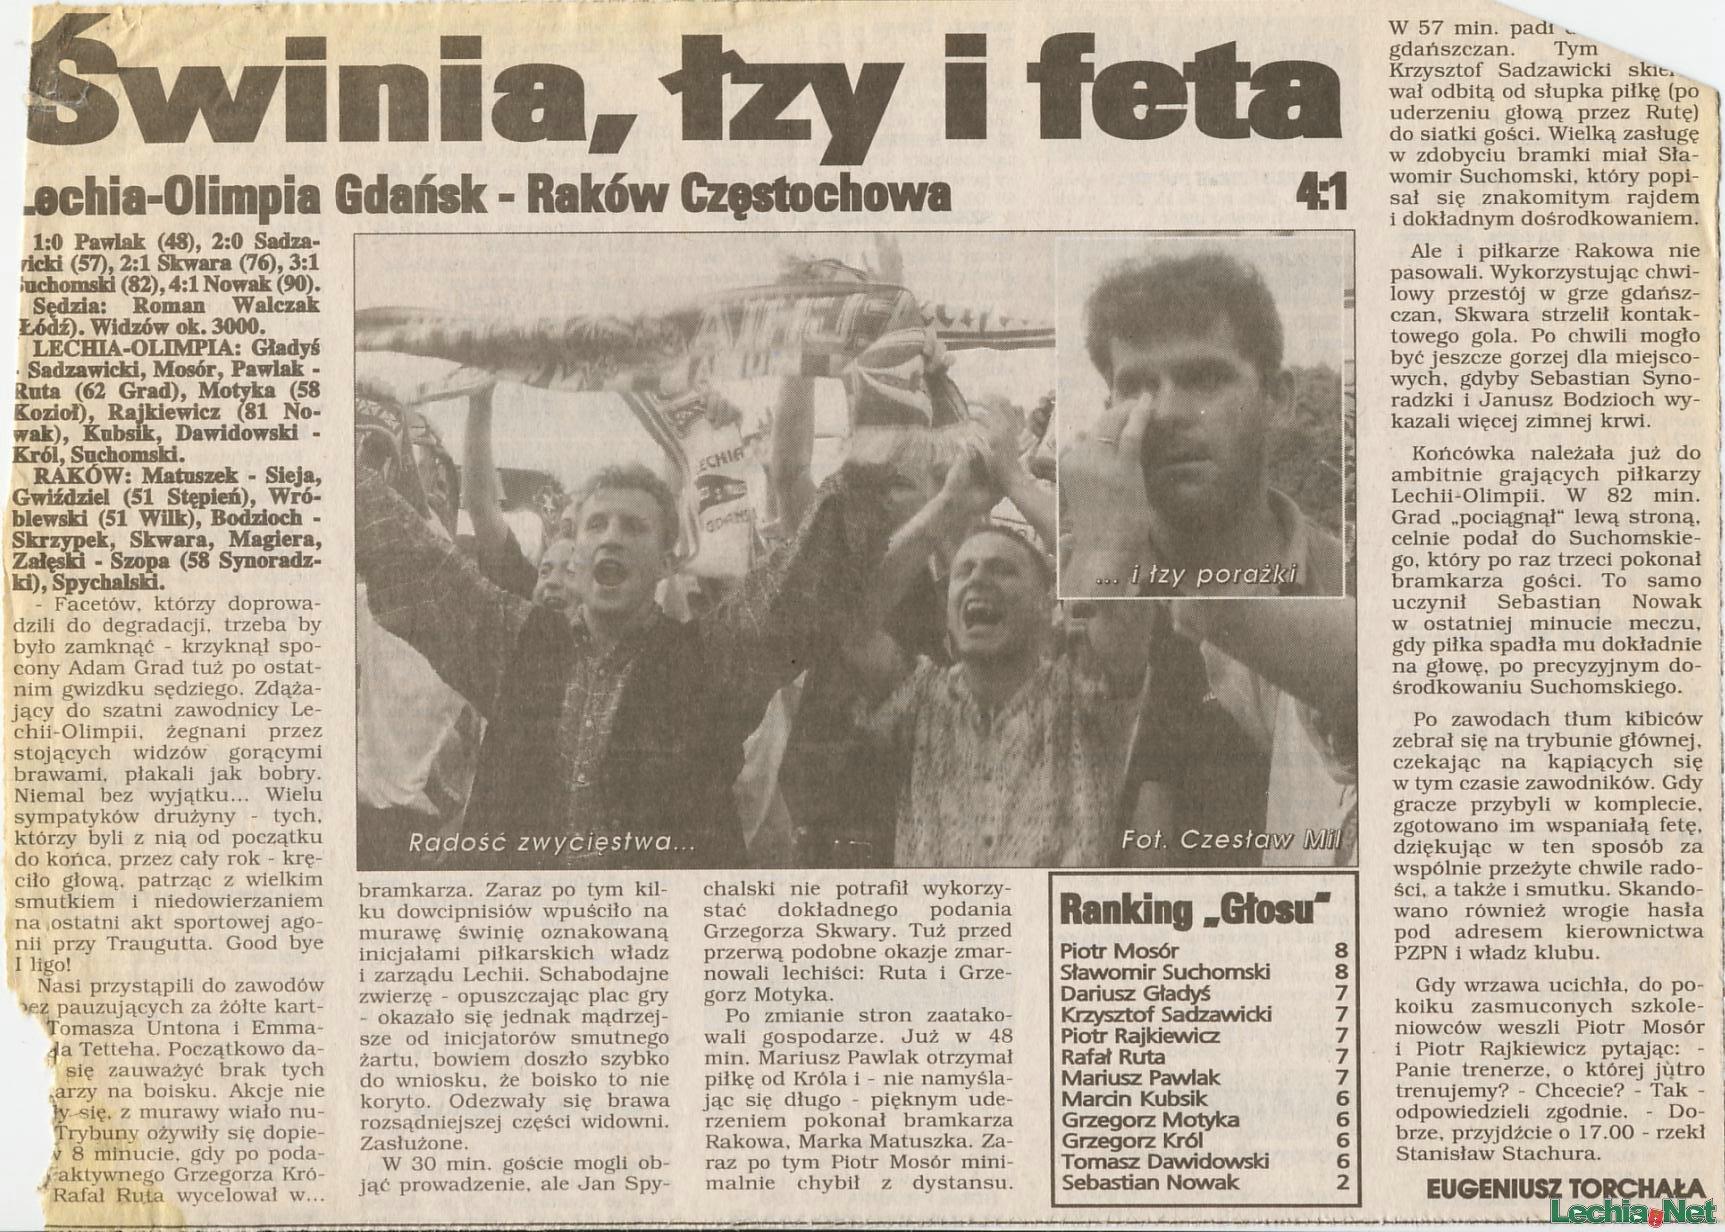 Relacja prasowa z meczu Lechia-Raków Częstochowa